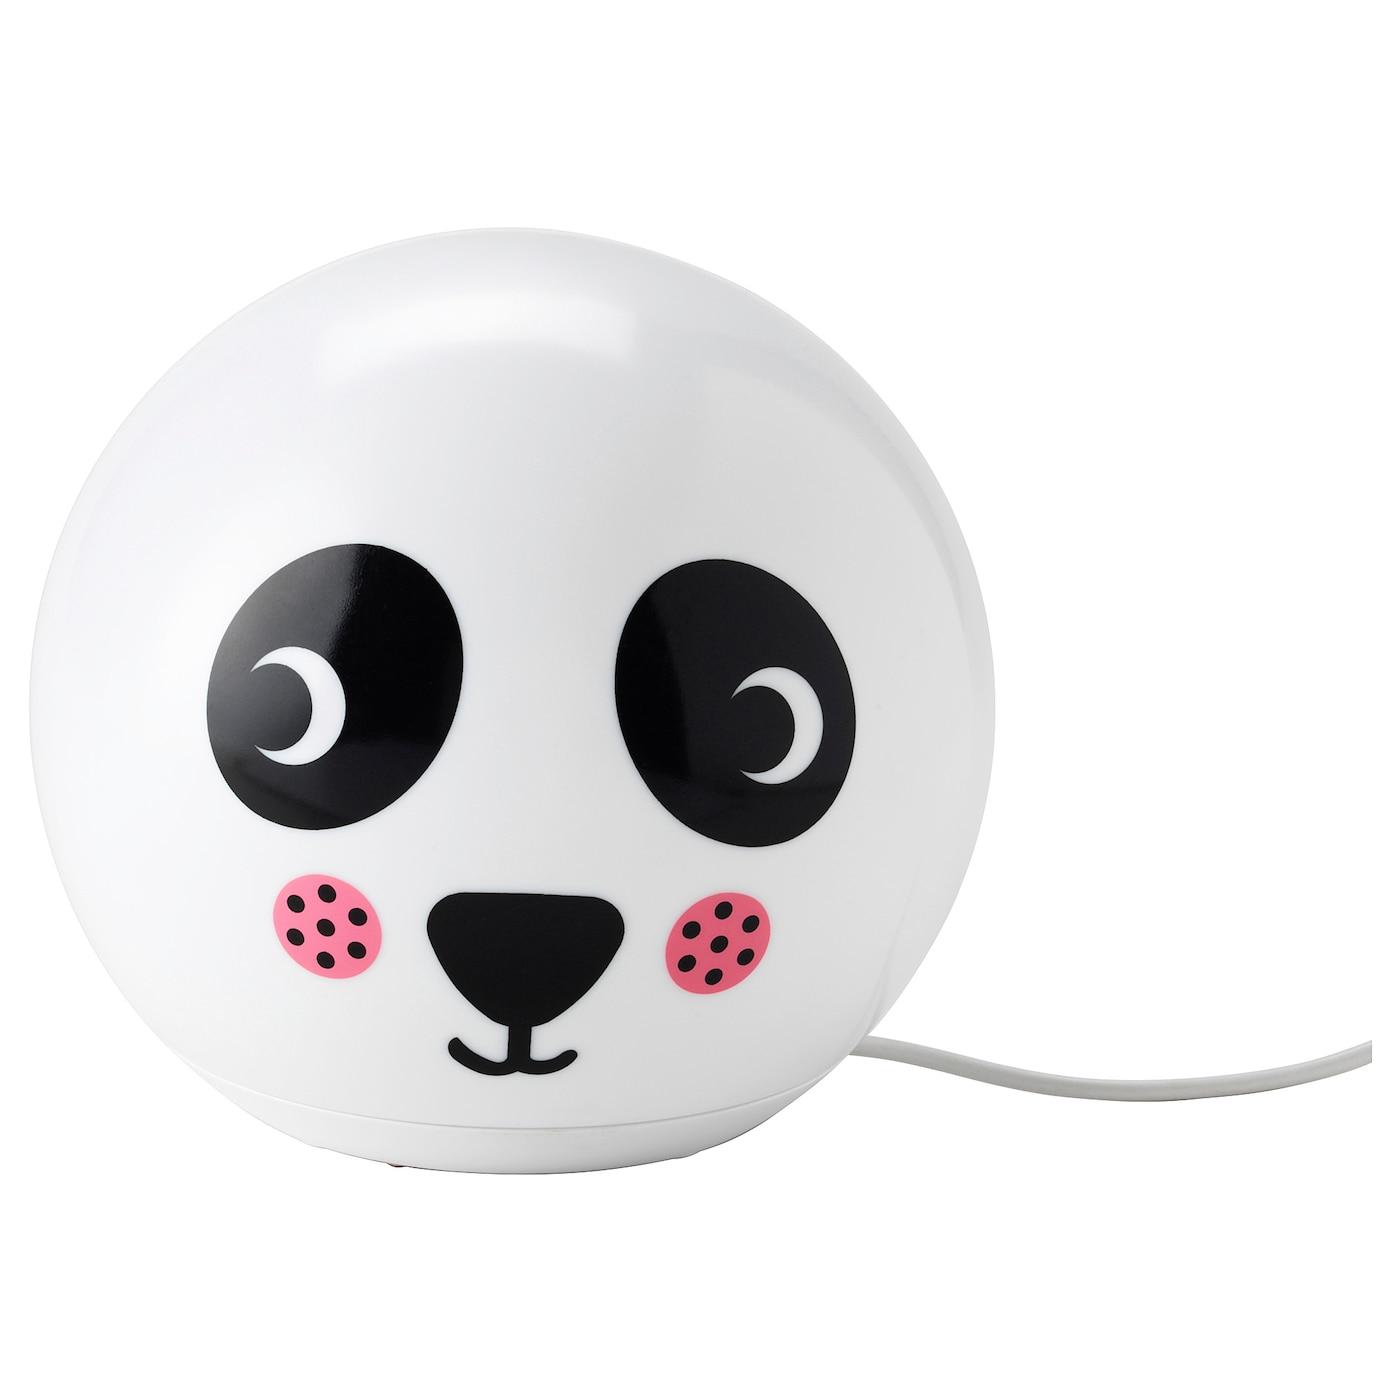 Luminaires enfant: Veilleuse bébé, Lampe de chevet enfant… - IKEA